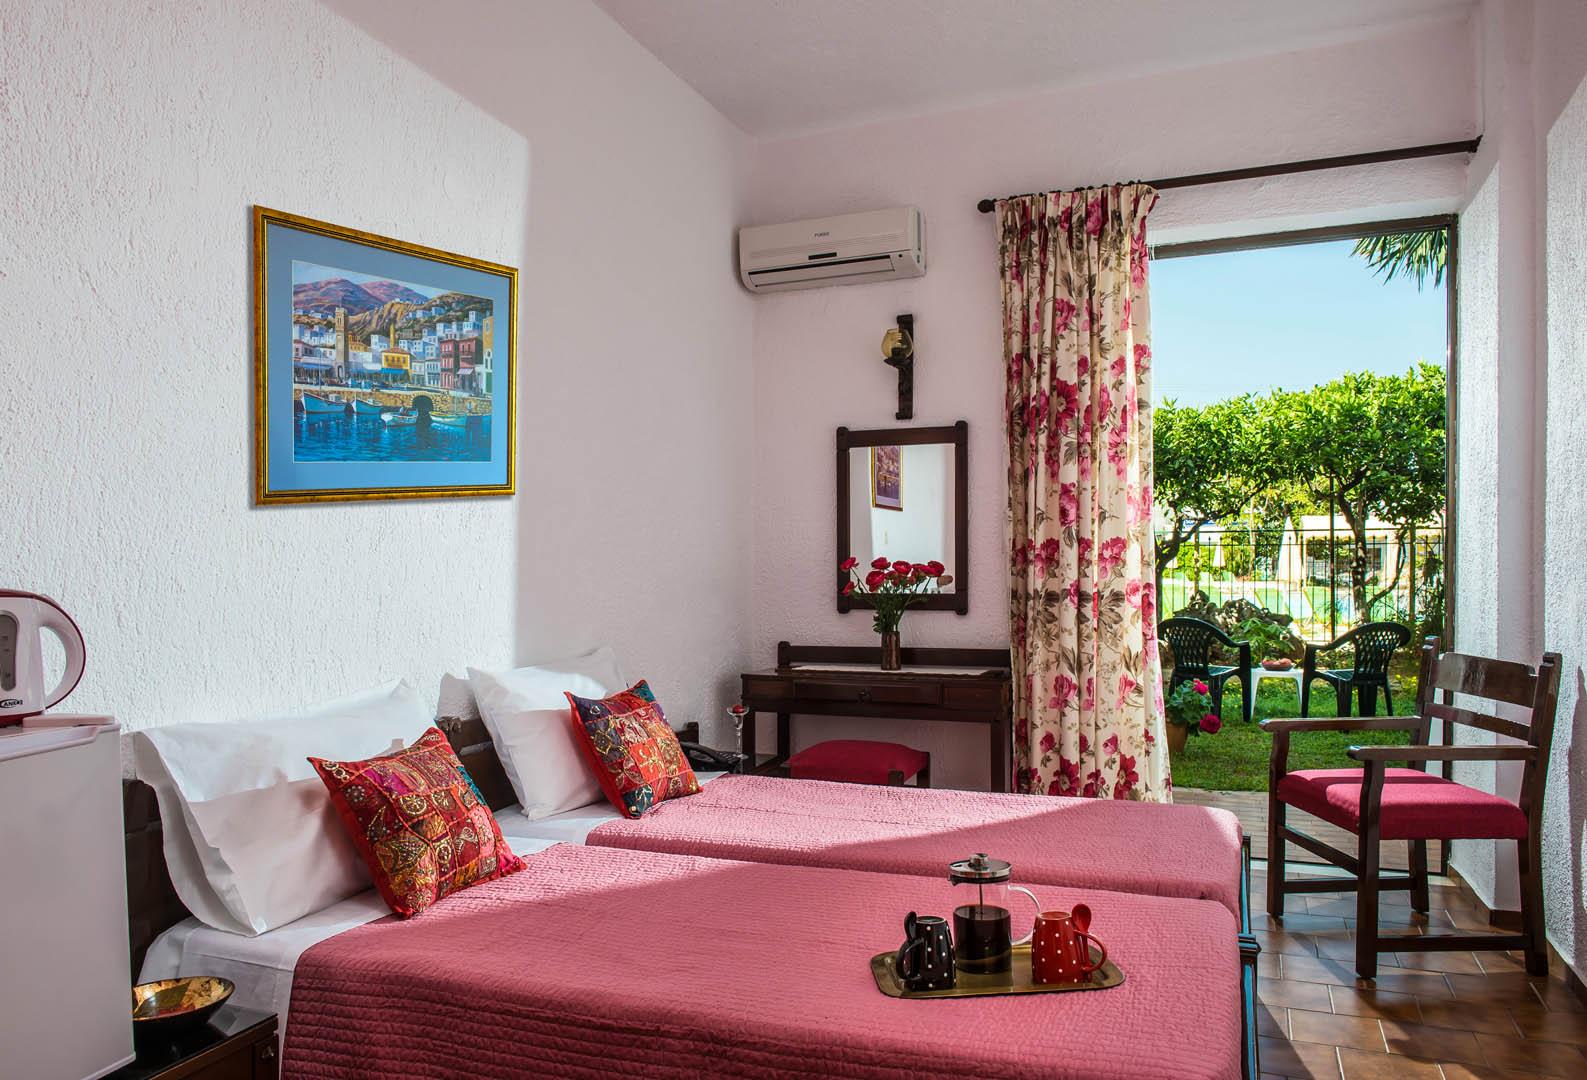 malia-holidays-rooms-1